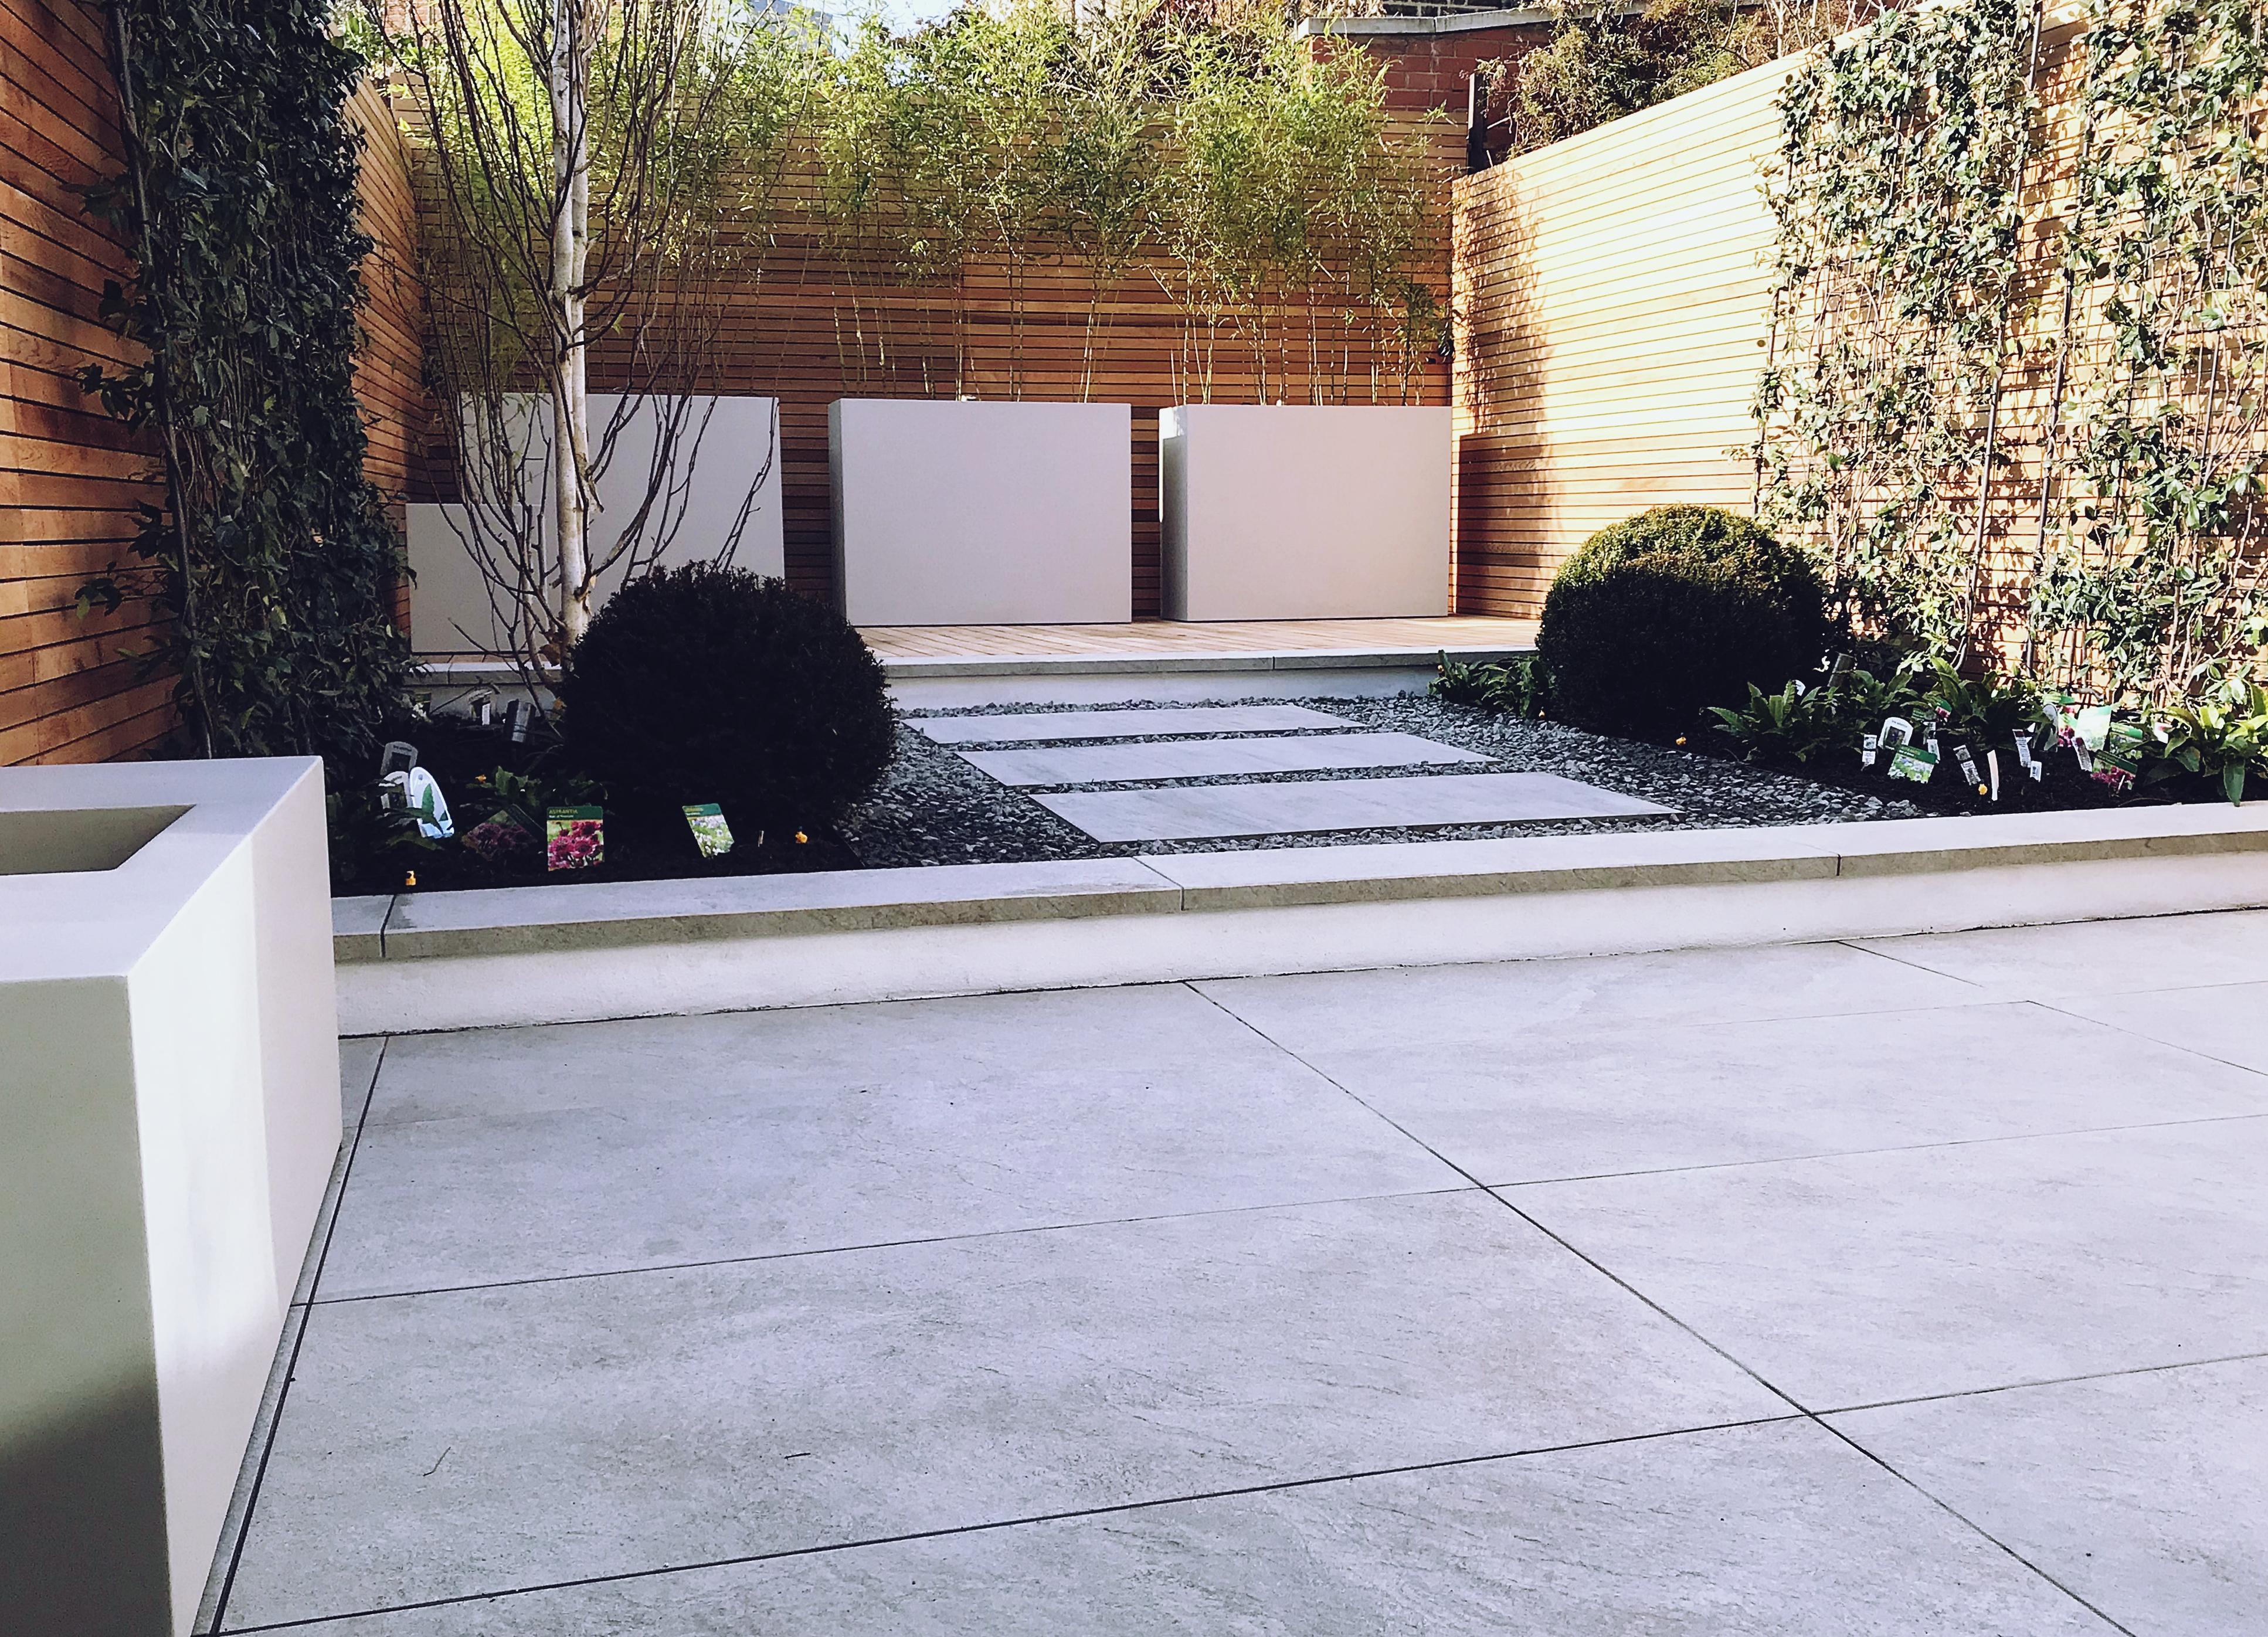 Astro Turf Garden >> Courtyard garden design Clapham Balham Battersea London - London Garden Blog